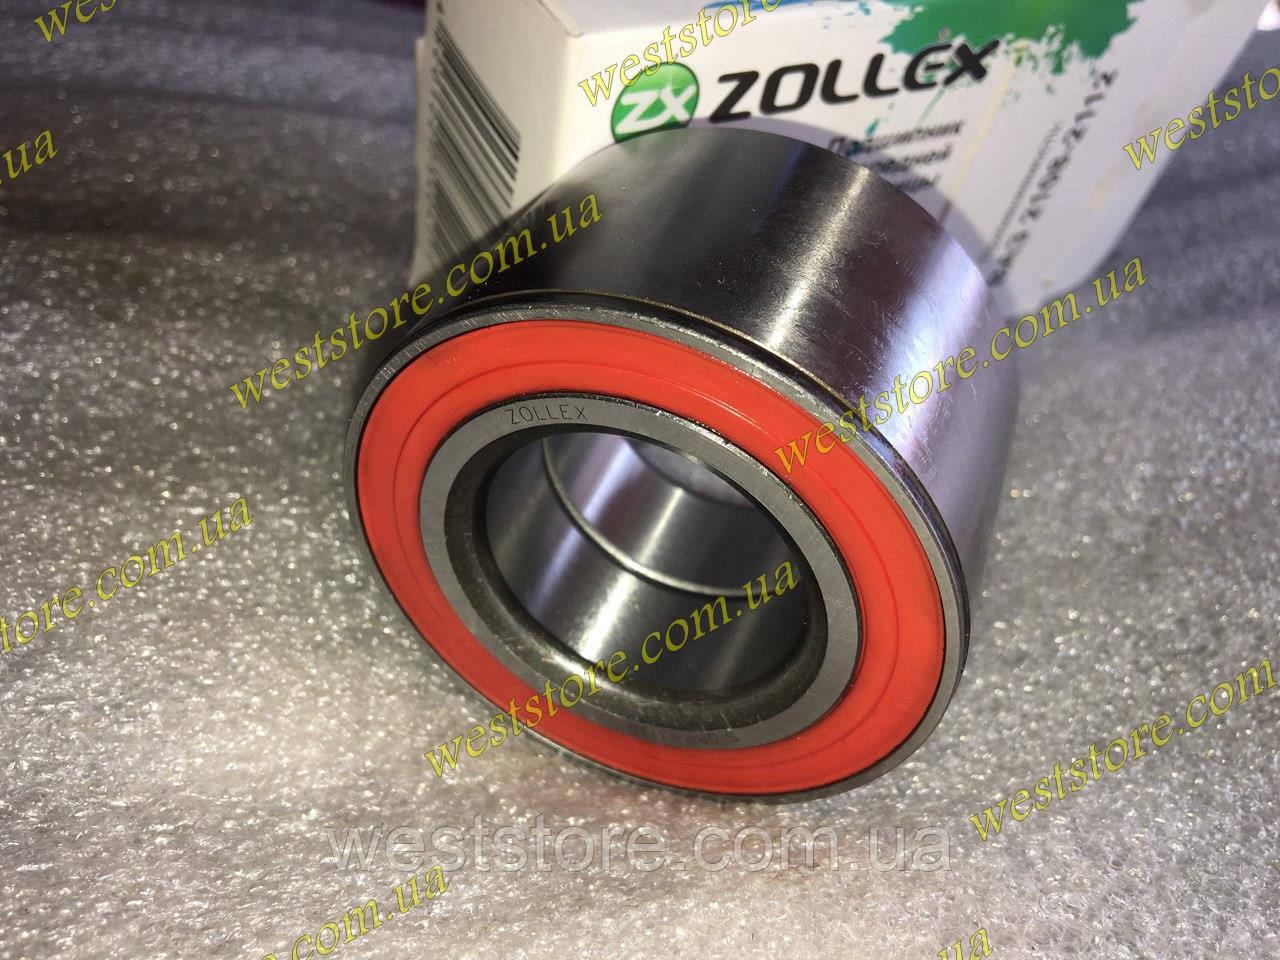 Подшипник ступицы передней Ваз 2108 2109 2113 2114 2115 2110 ланос сенс заз 1102 1103 таврия Zollex